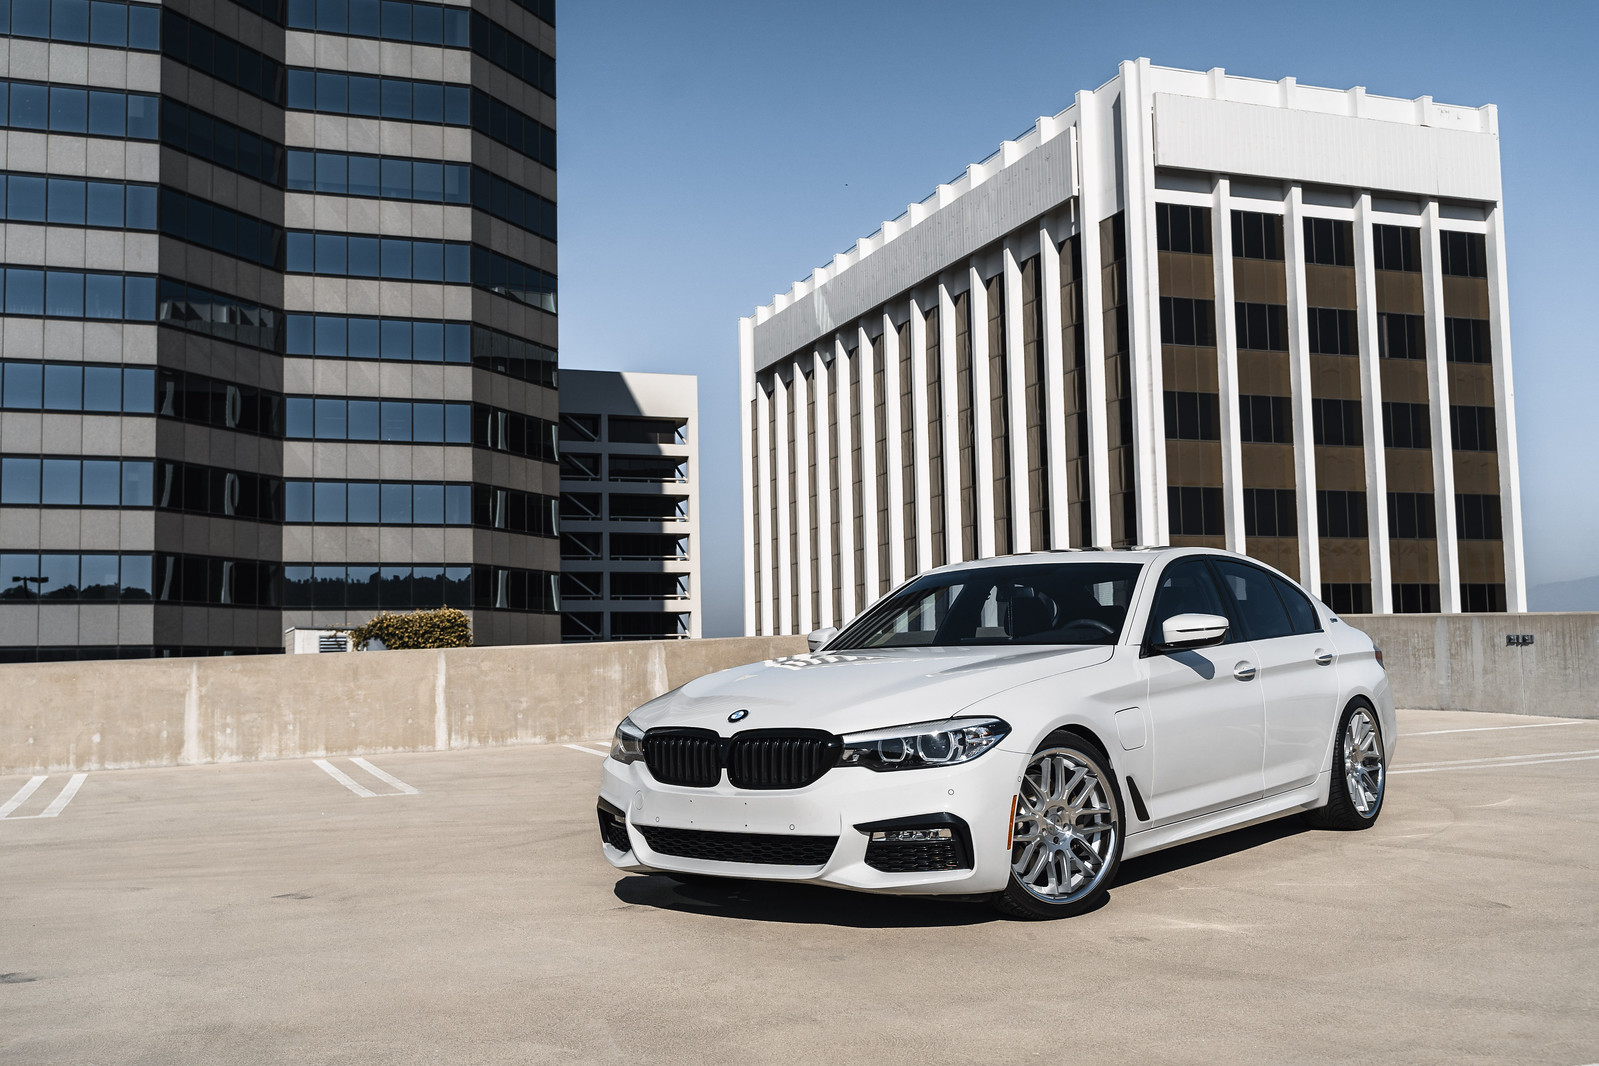 BMW_530i_E_Drive_BD27_Silver_1